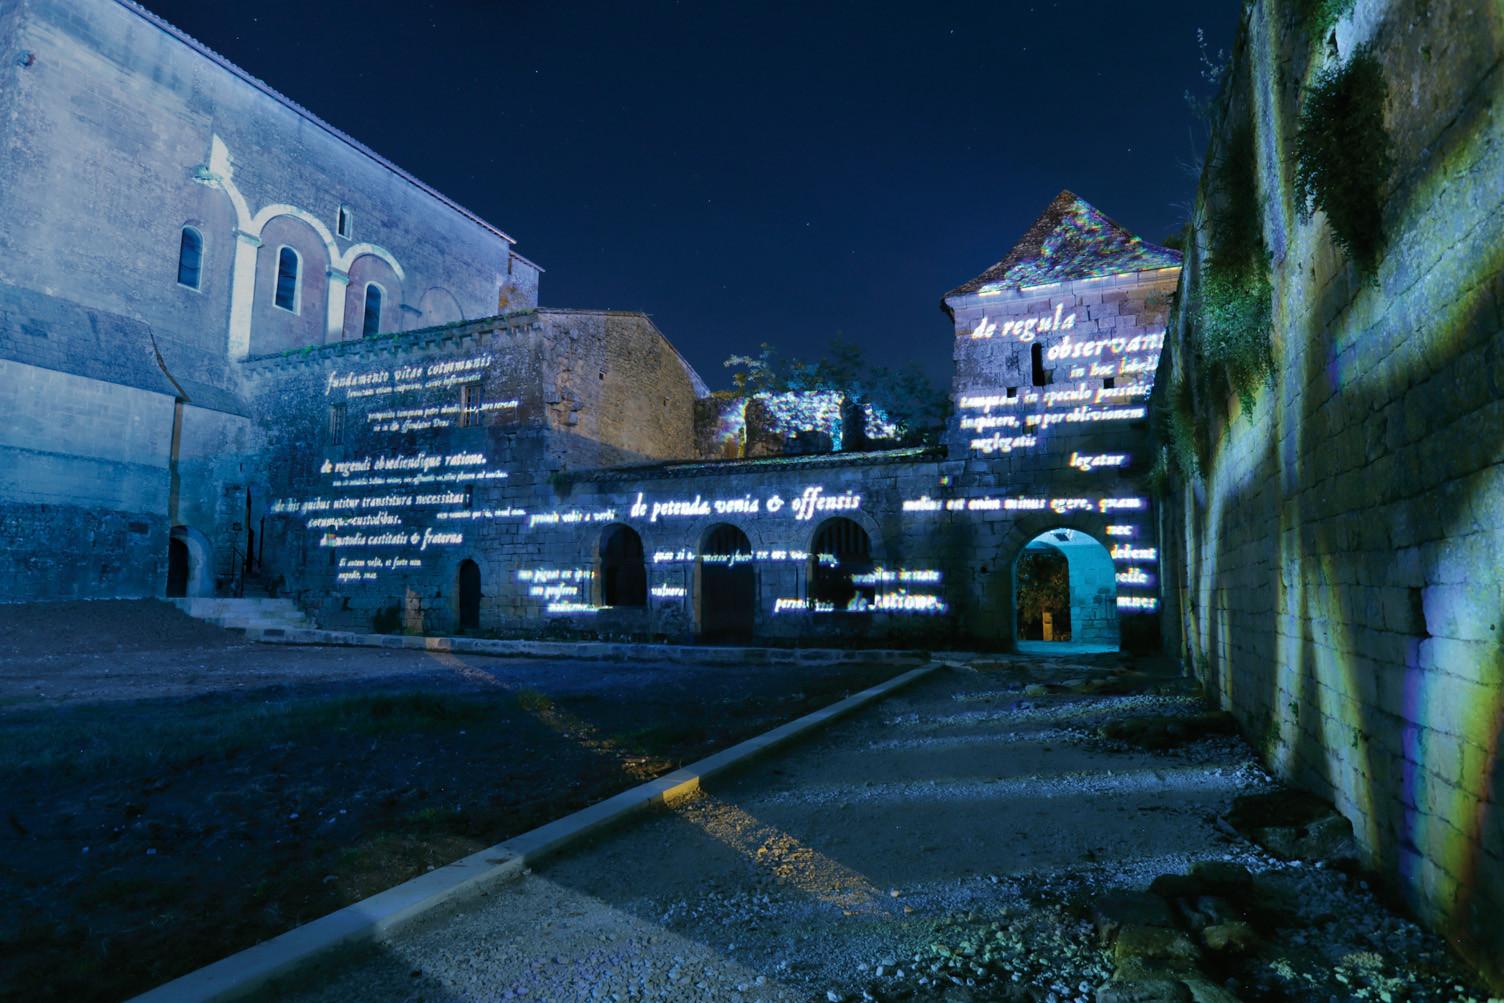 Les Murmures de Saint-Avit-Sénieur, Francia; por Lionel Bessieres ©Quartiers Lumieres. Image Cortesia de Lamp Lighting